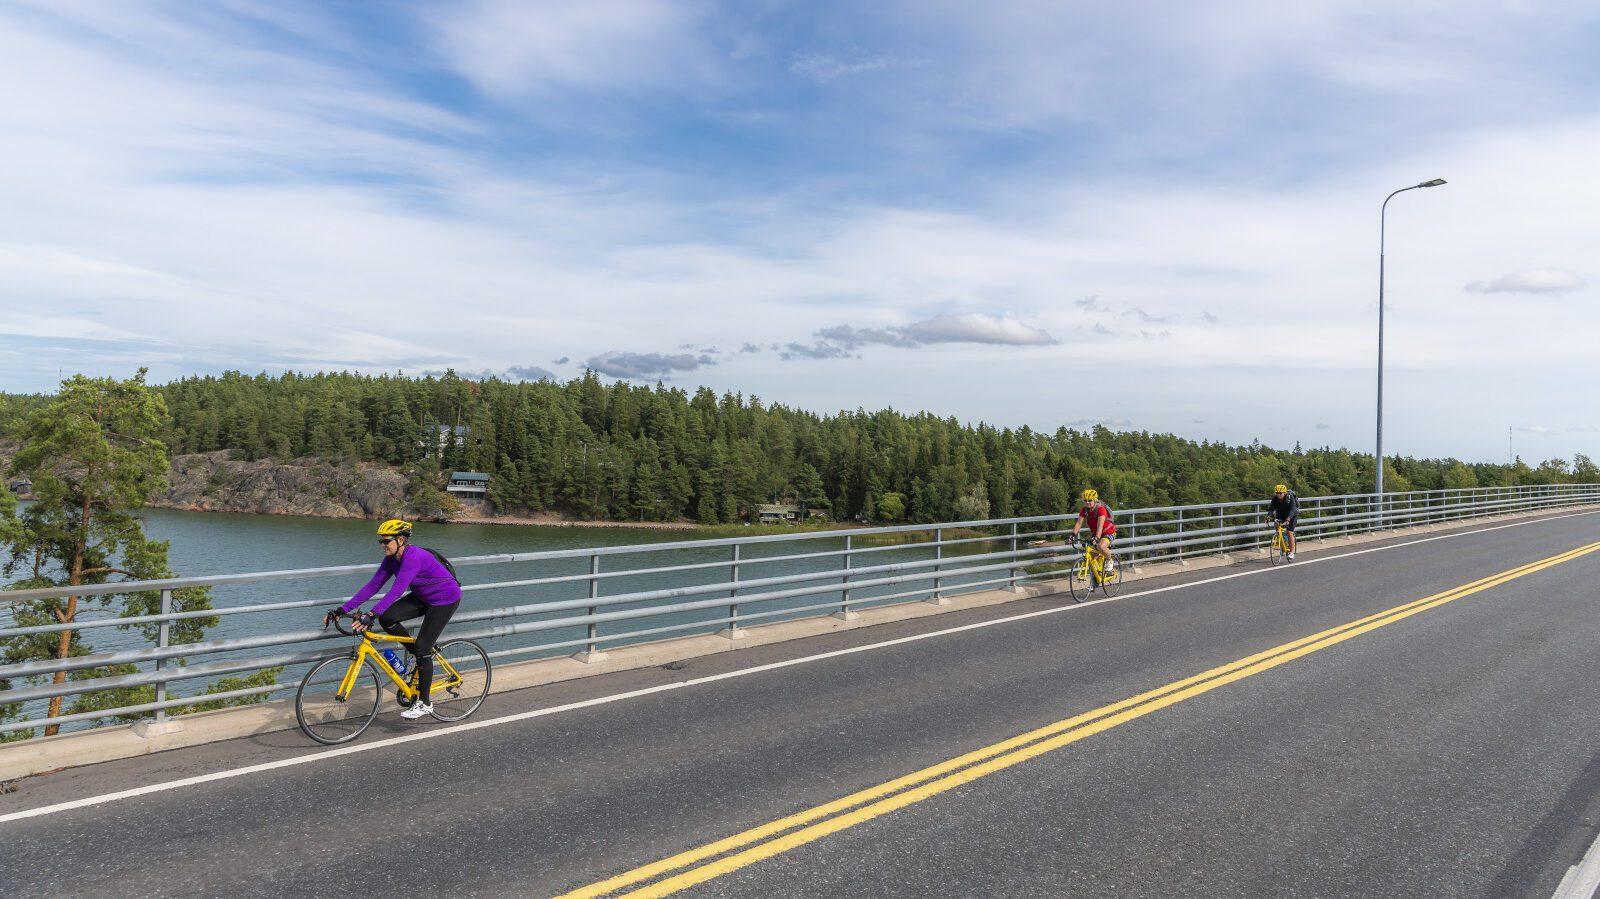 Kolme pyöräilijää pyöräilee sillan yli.